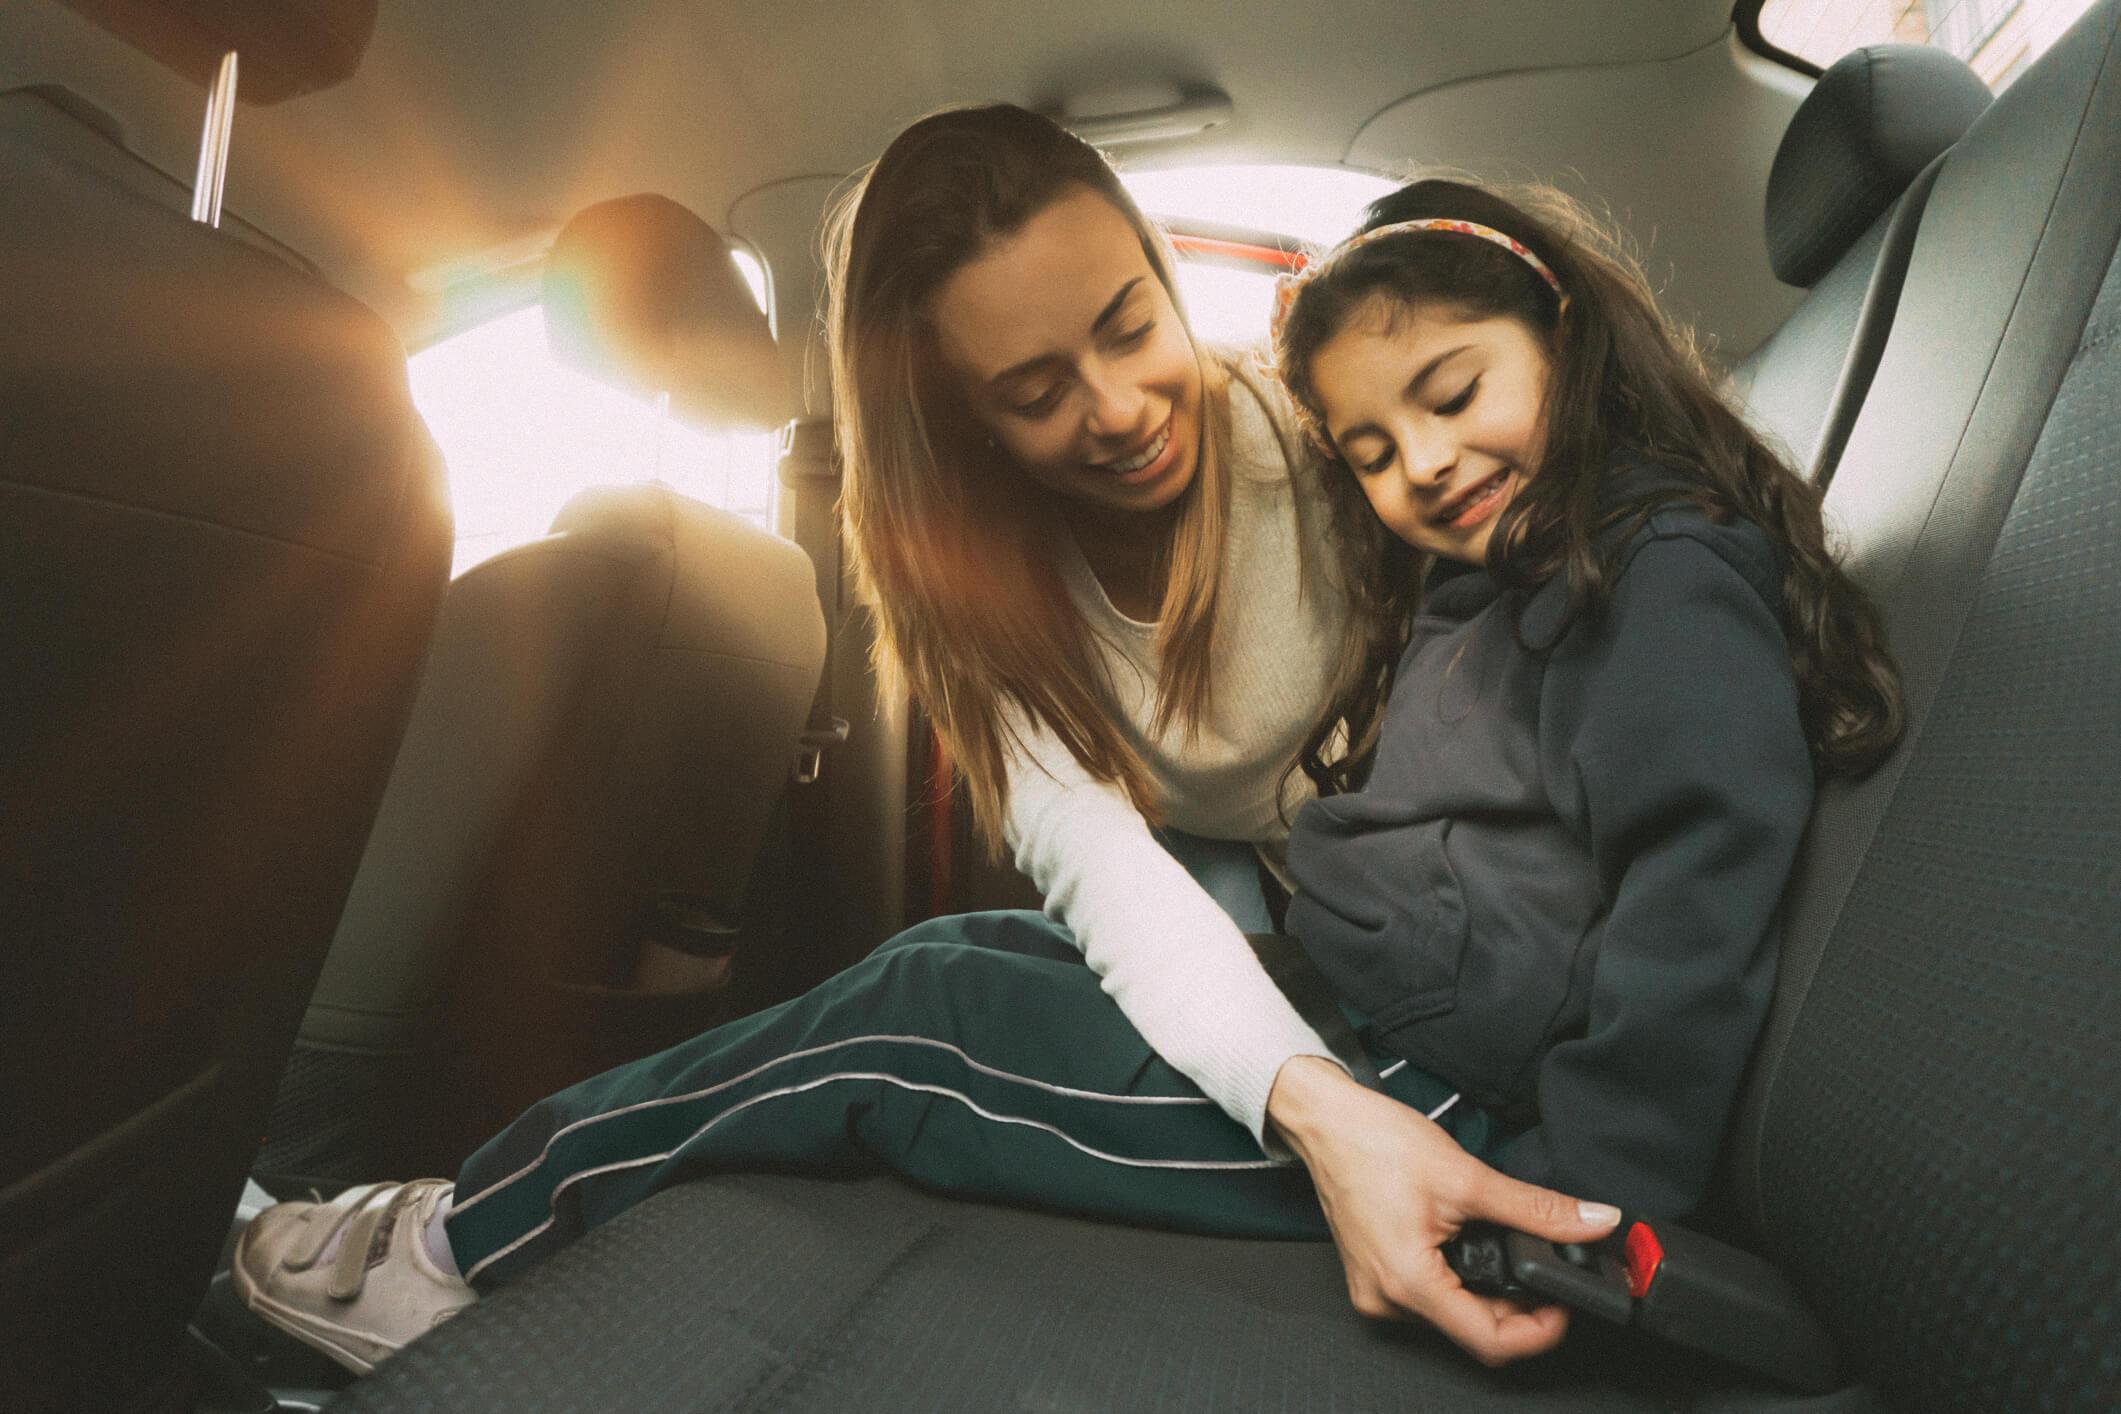 0025c3326 ... propõe uma reflexão sobre a conduta no trânsito. Um problema sério que  resulta em mortes e acidentes em todo o mundo. E você, como está dirigindo?